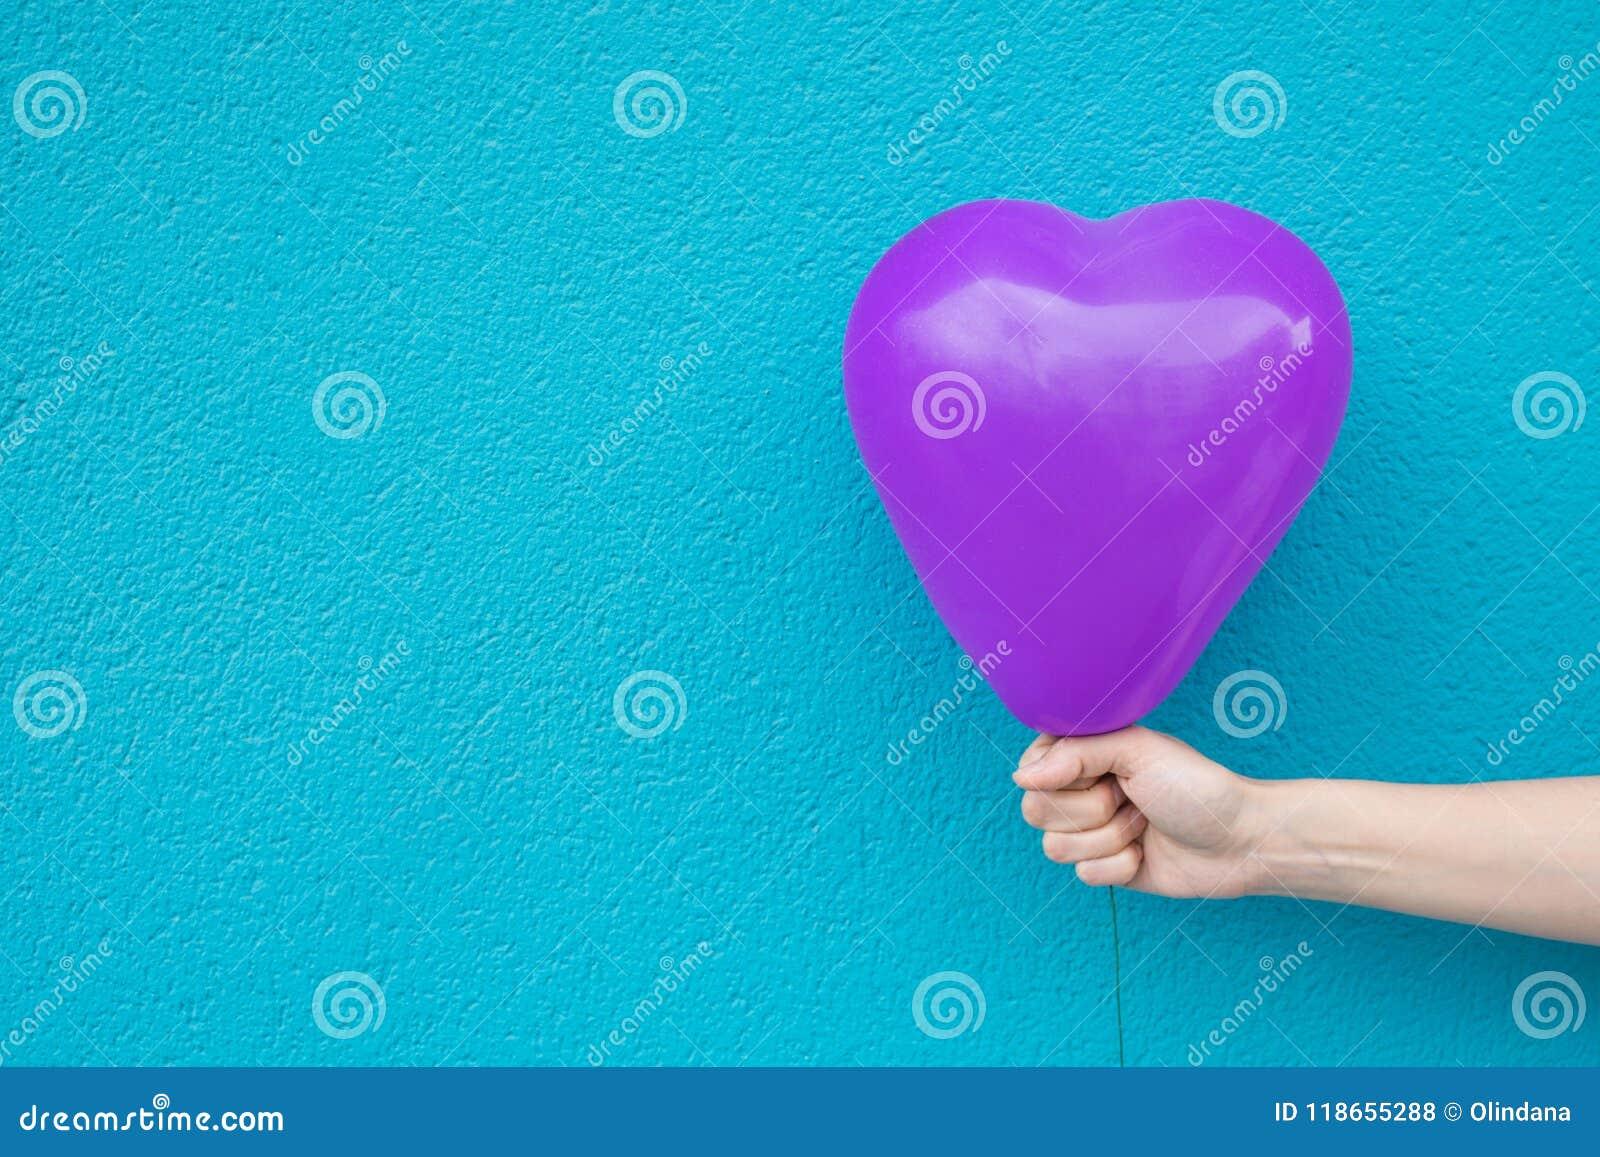 Το νέο καυκάσιο κορίτσι γυναικών κρατά το διαθέσιμο πορφυρό διαμορφωμένο καρδιά μπαλόνι αέρα χρωματισμένο στο τυρκουάζ υπόβαθρο τ